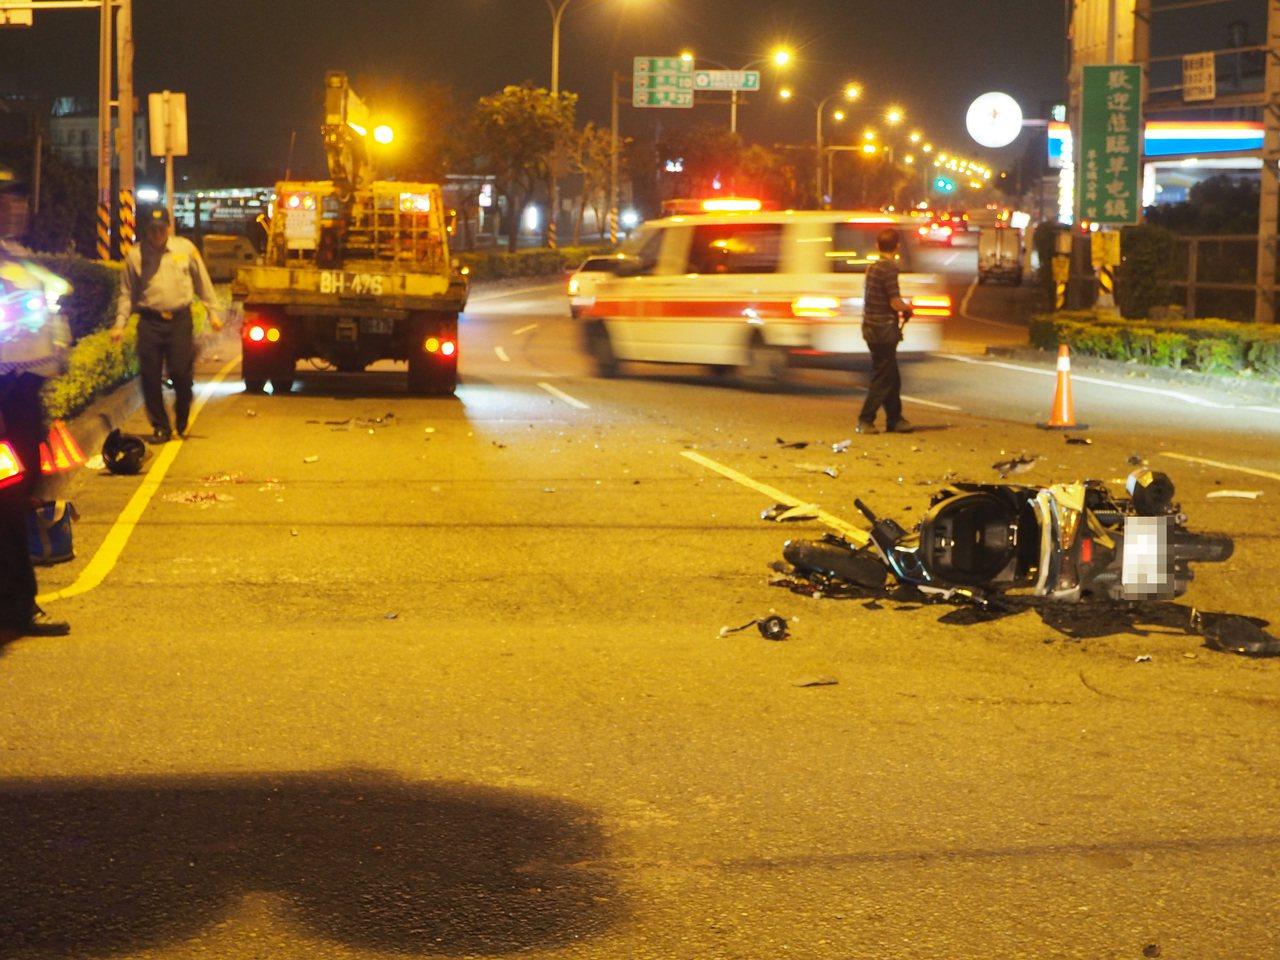 南投縣中投快速道路下路口晚間傳汽機車對撞車禍,造成1死2傷悲劇。圖/讀者提供